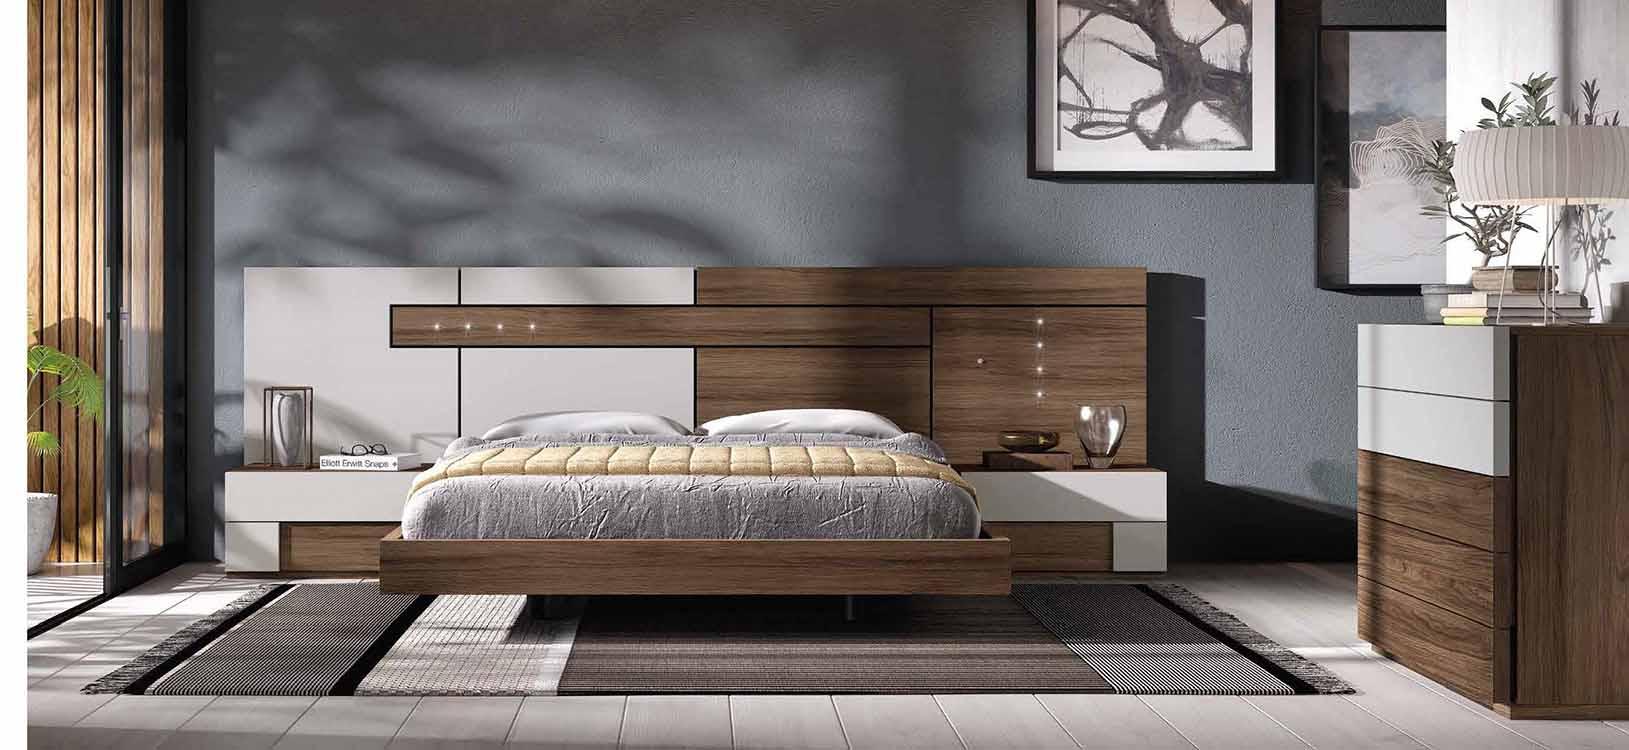 Comprar camas grandes for Modelo de puertas para habitaciones modernas